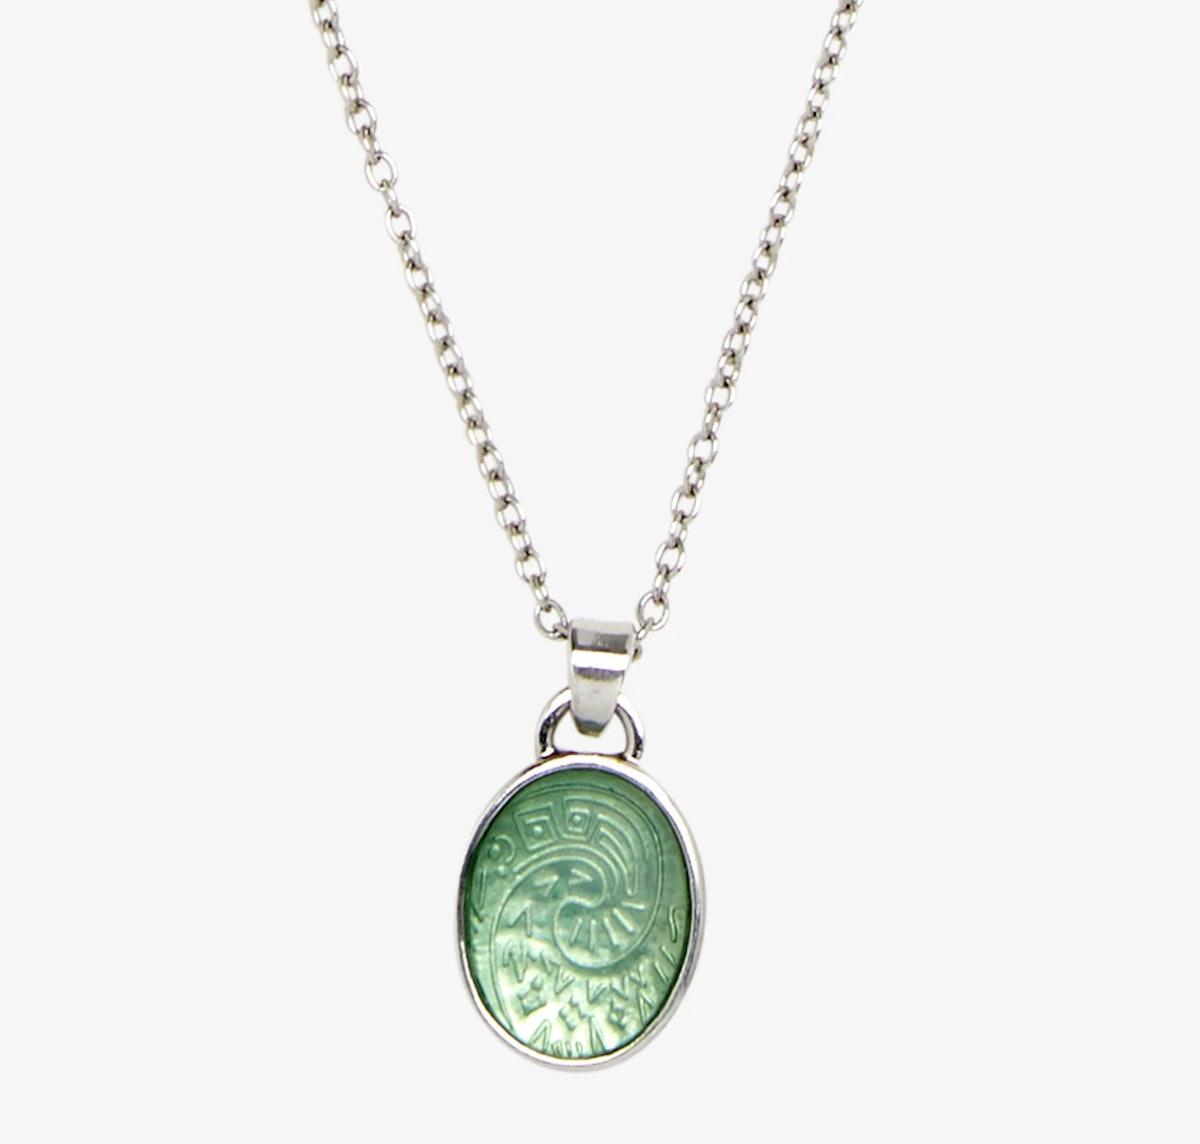 Moana Heart of Te Fiti Dainty Necklace